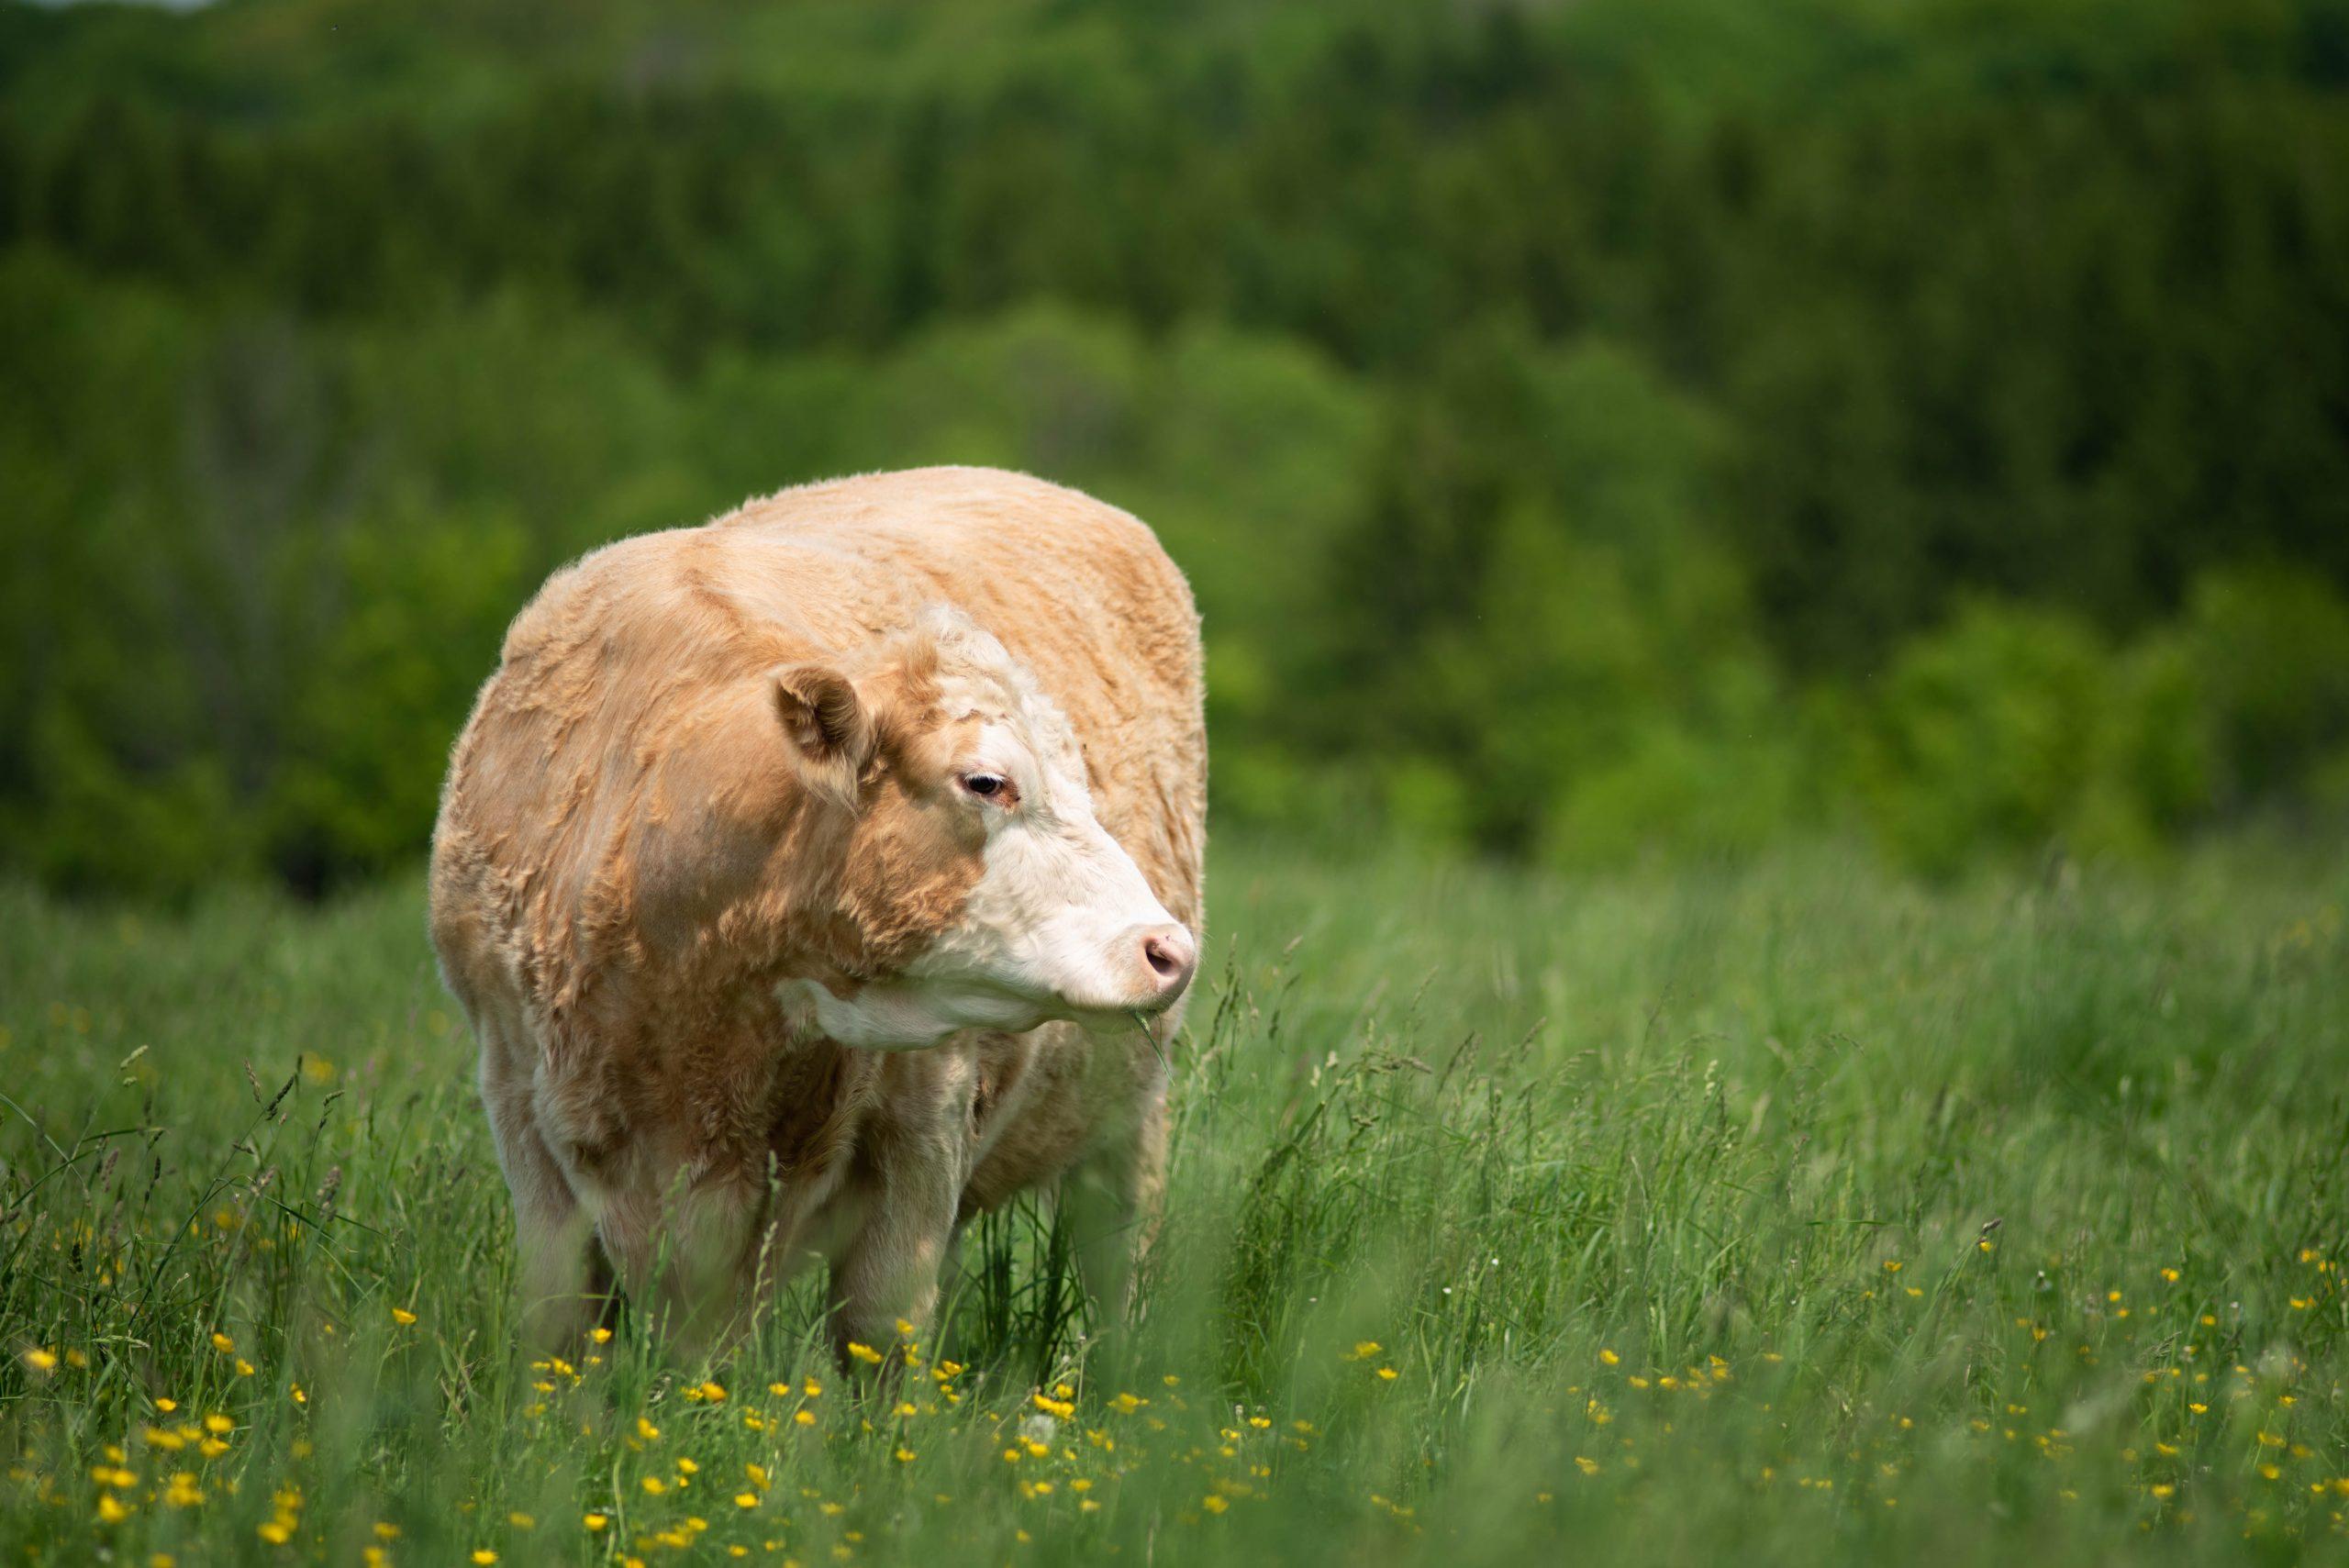 Gidget cow at Farm Sanctuary